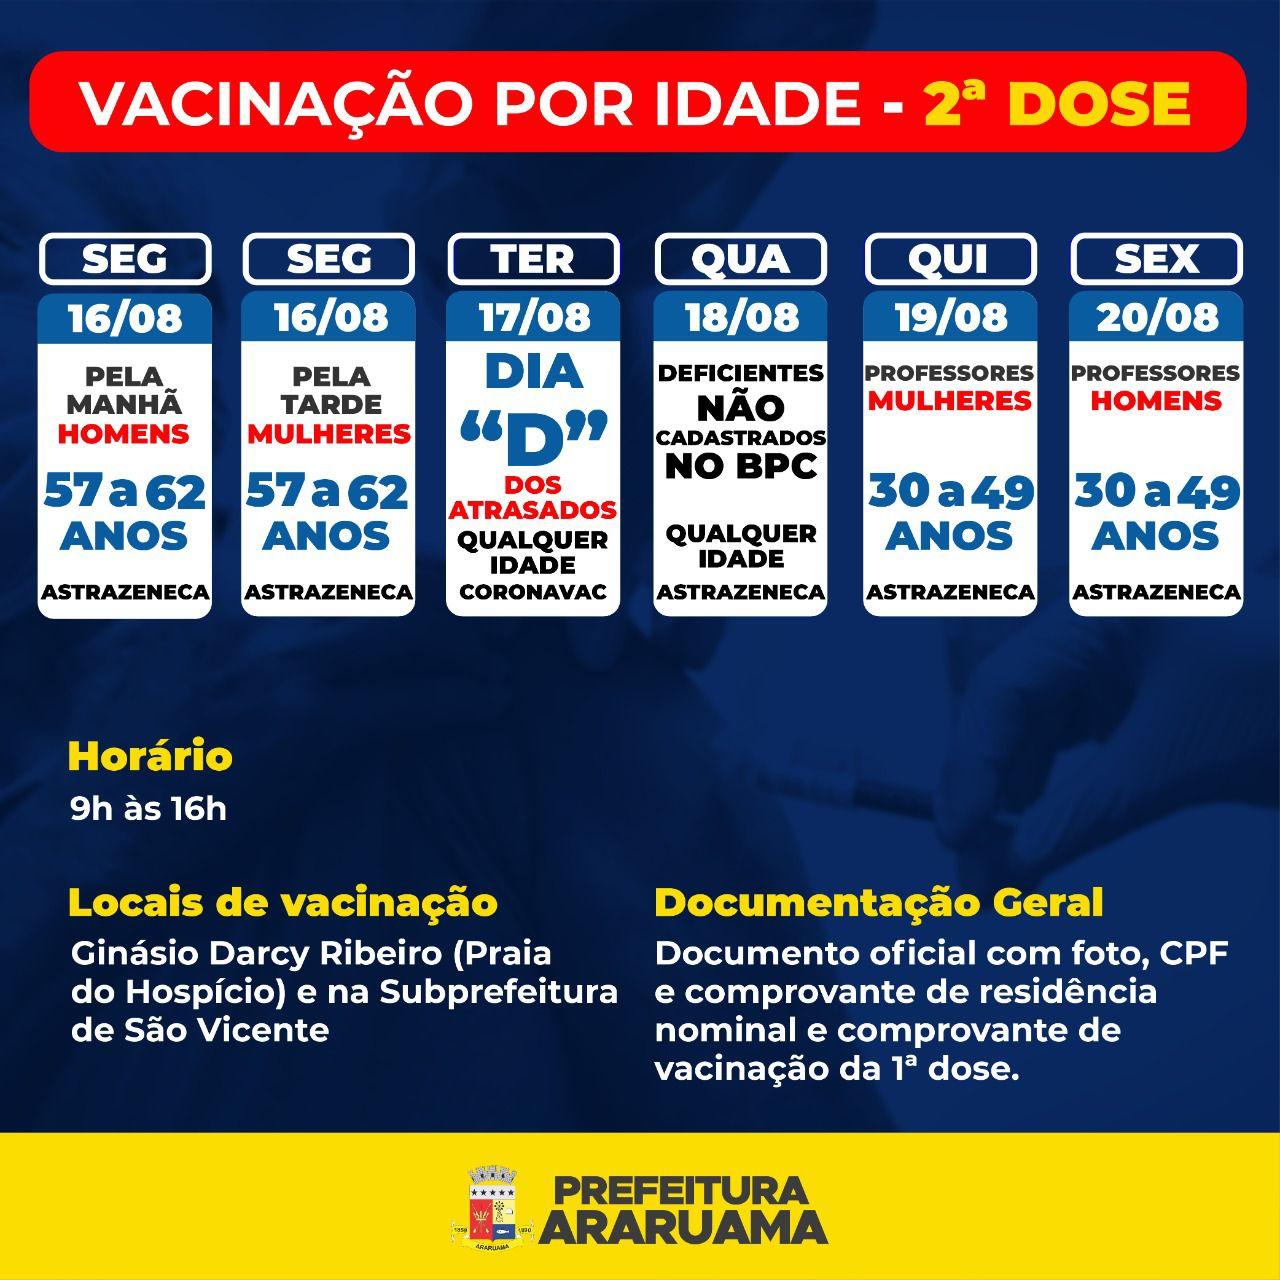 Calendário de vacinação da segunda dose para a próxima semana